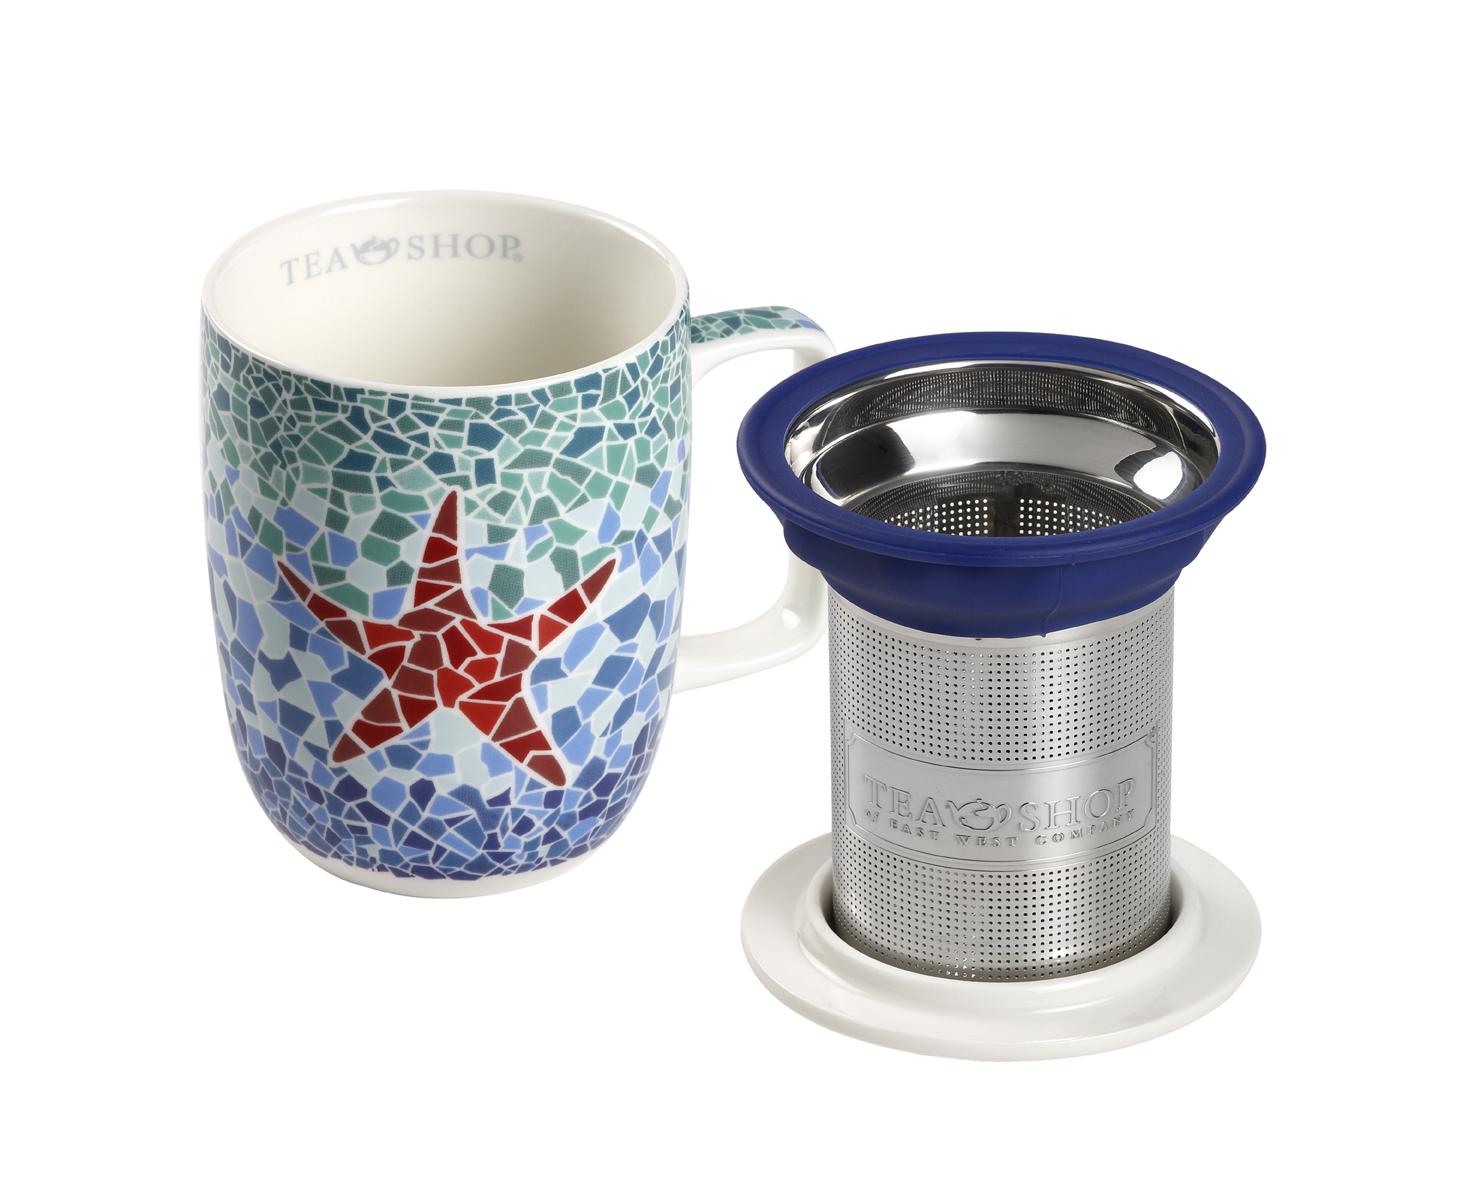 Mug Harmony Estrella. Tasses de porcellanaTea Shop® - Ítem2